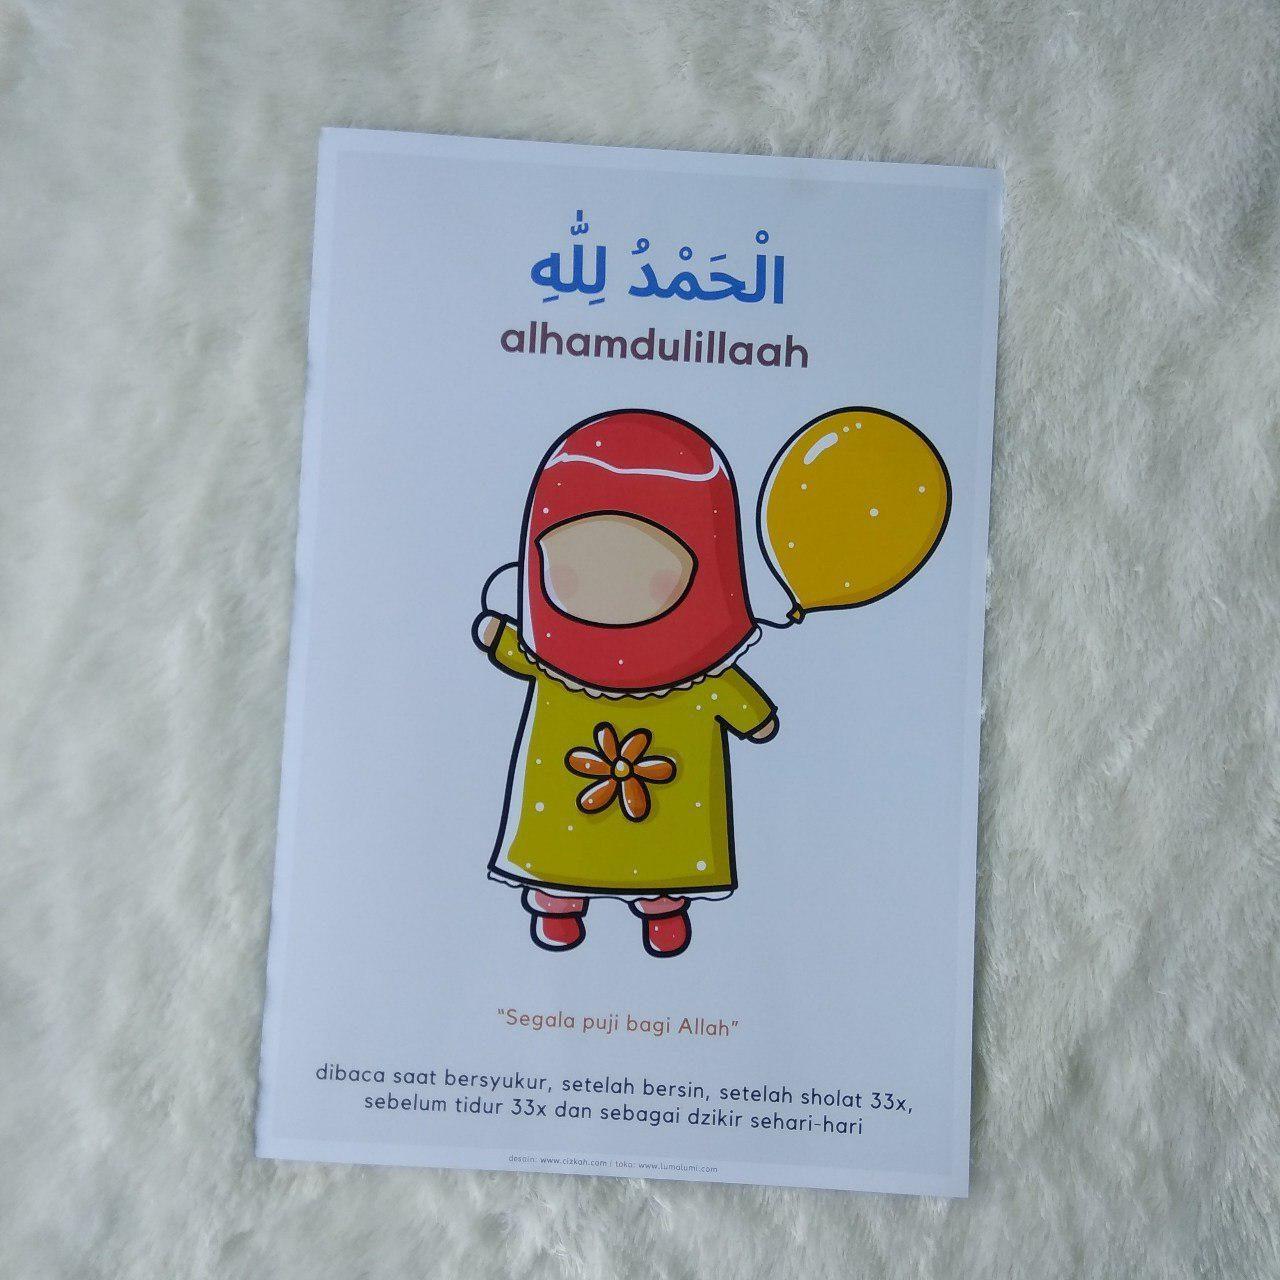 Toko Muslim Terpercaya Dan Amanah Poster Anak Dzikir